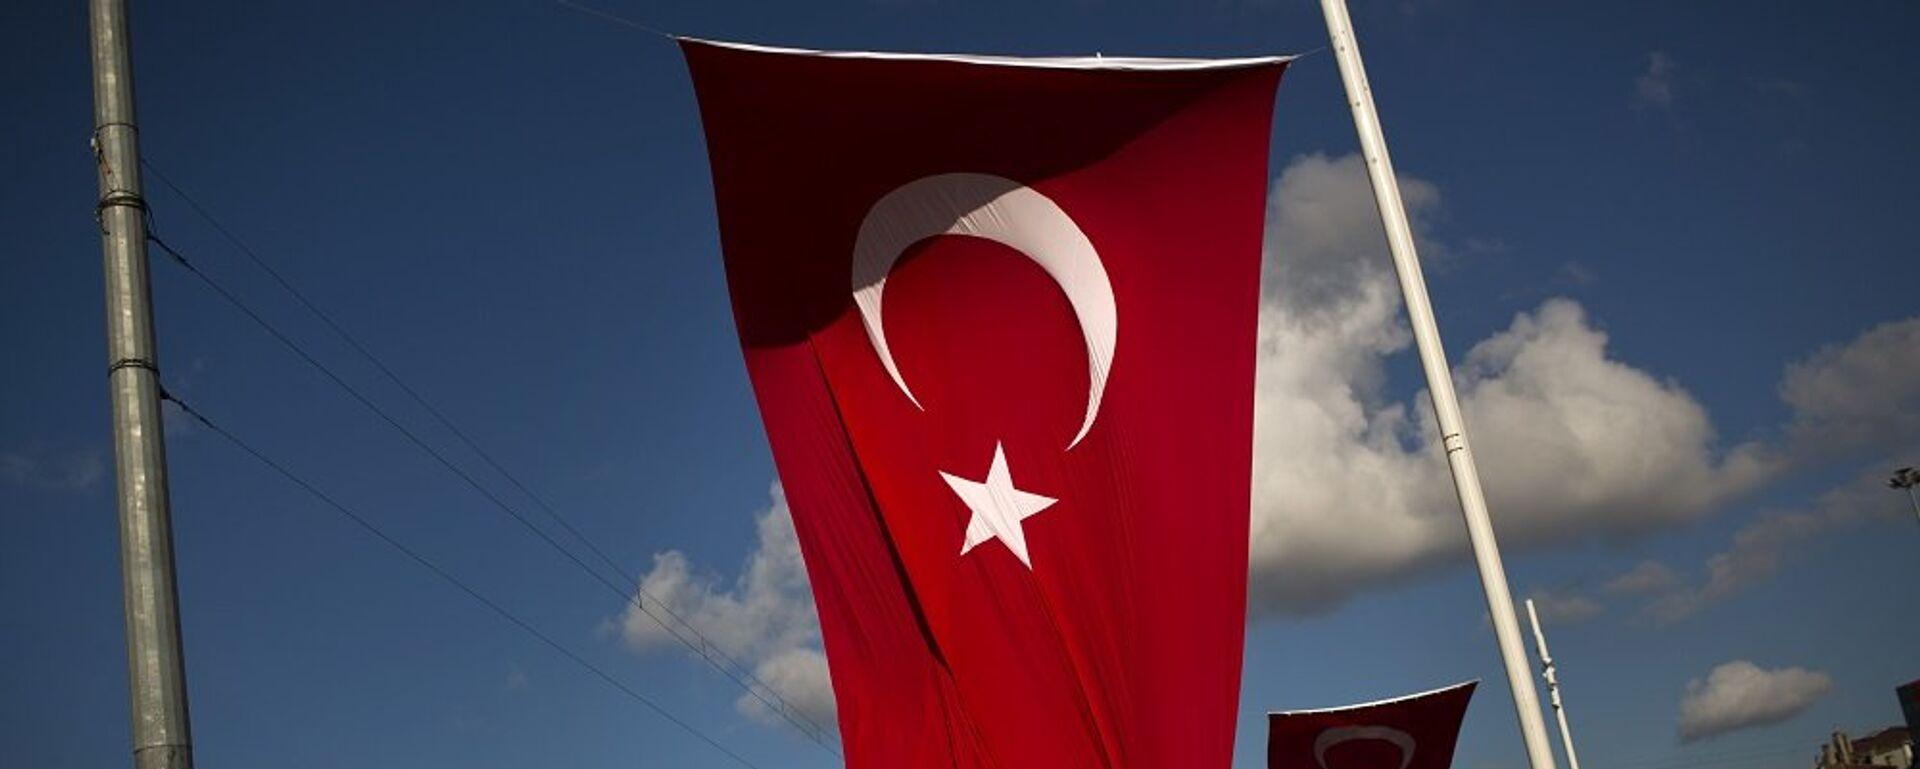 Σημαία της Τουρκίας στην Κωνσταντινούπολη - Sputnik Ελλάδα, 1920, 05.04.2021